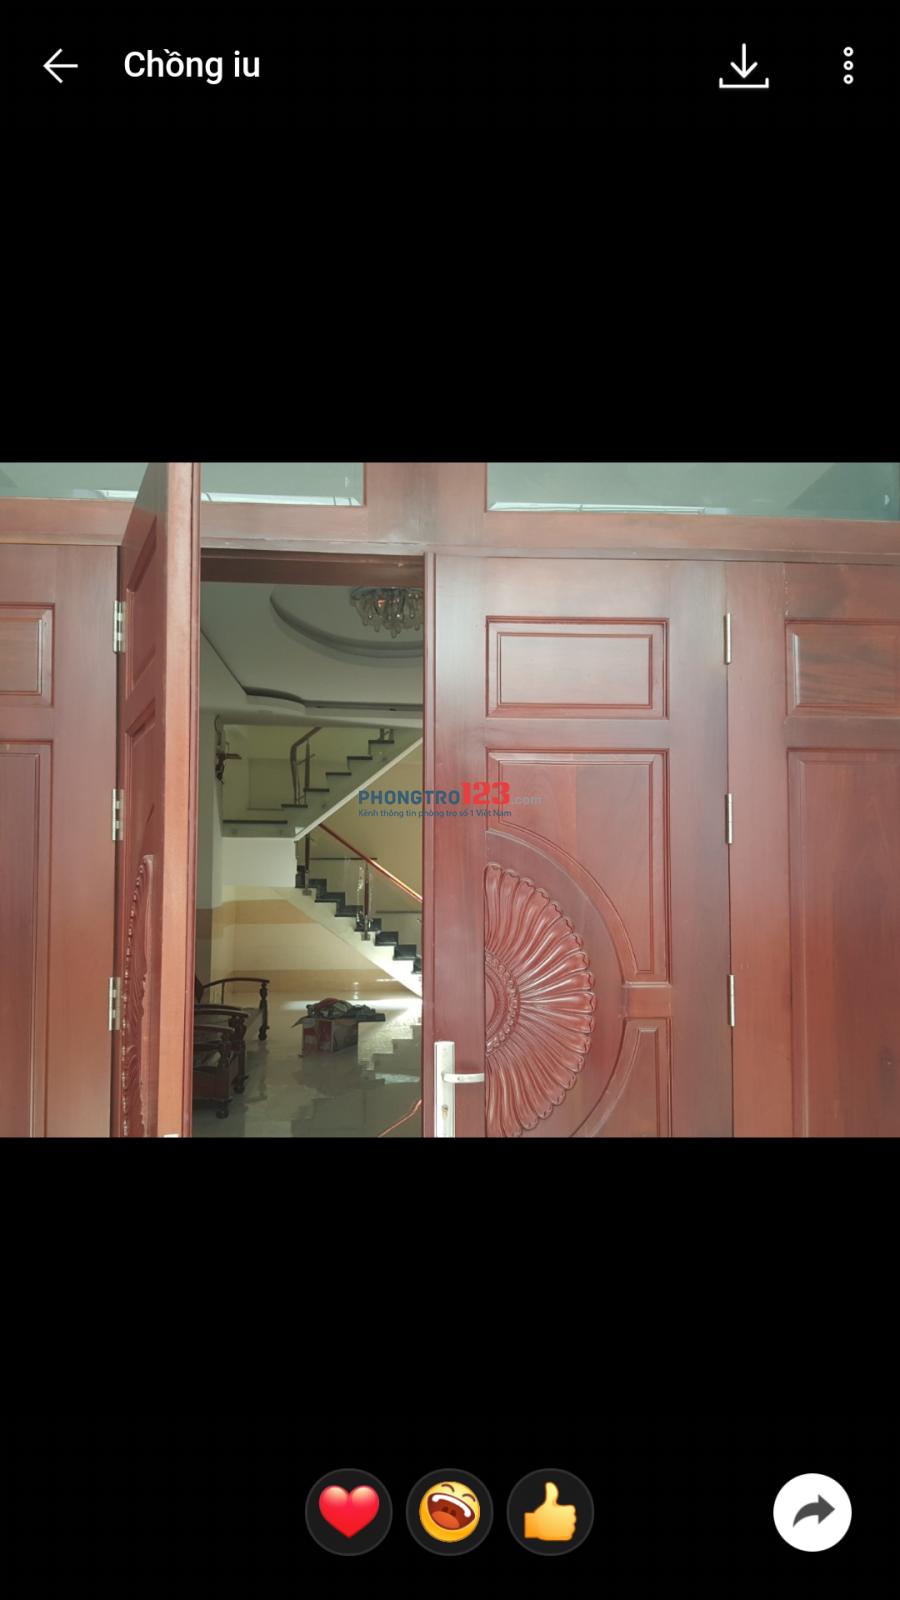 PHÒNG ĐẸP 36m2 , 4.3tr máy lanh, gần COOPMART THẮNG LỢI, TÂN BÌNH,CHỈ CÒN 1 PHÒNG